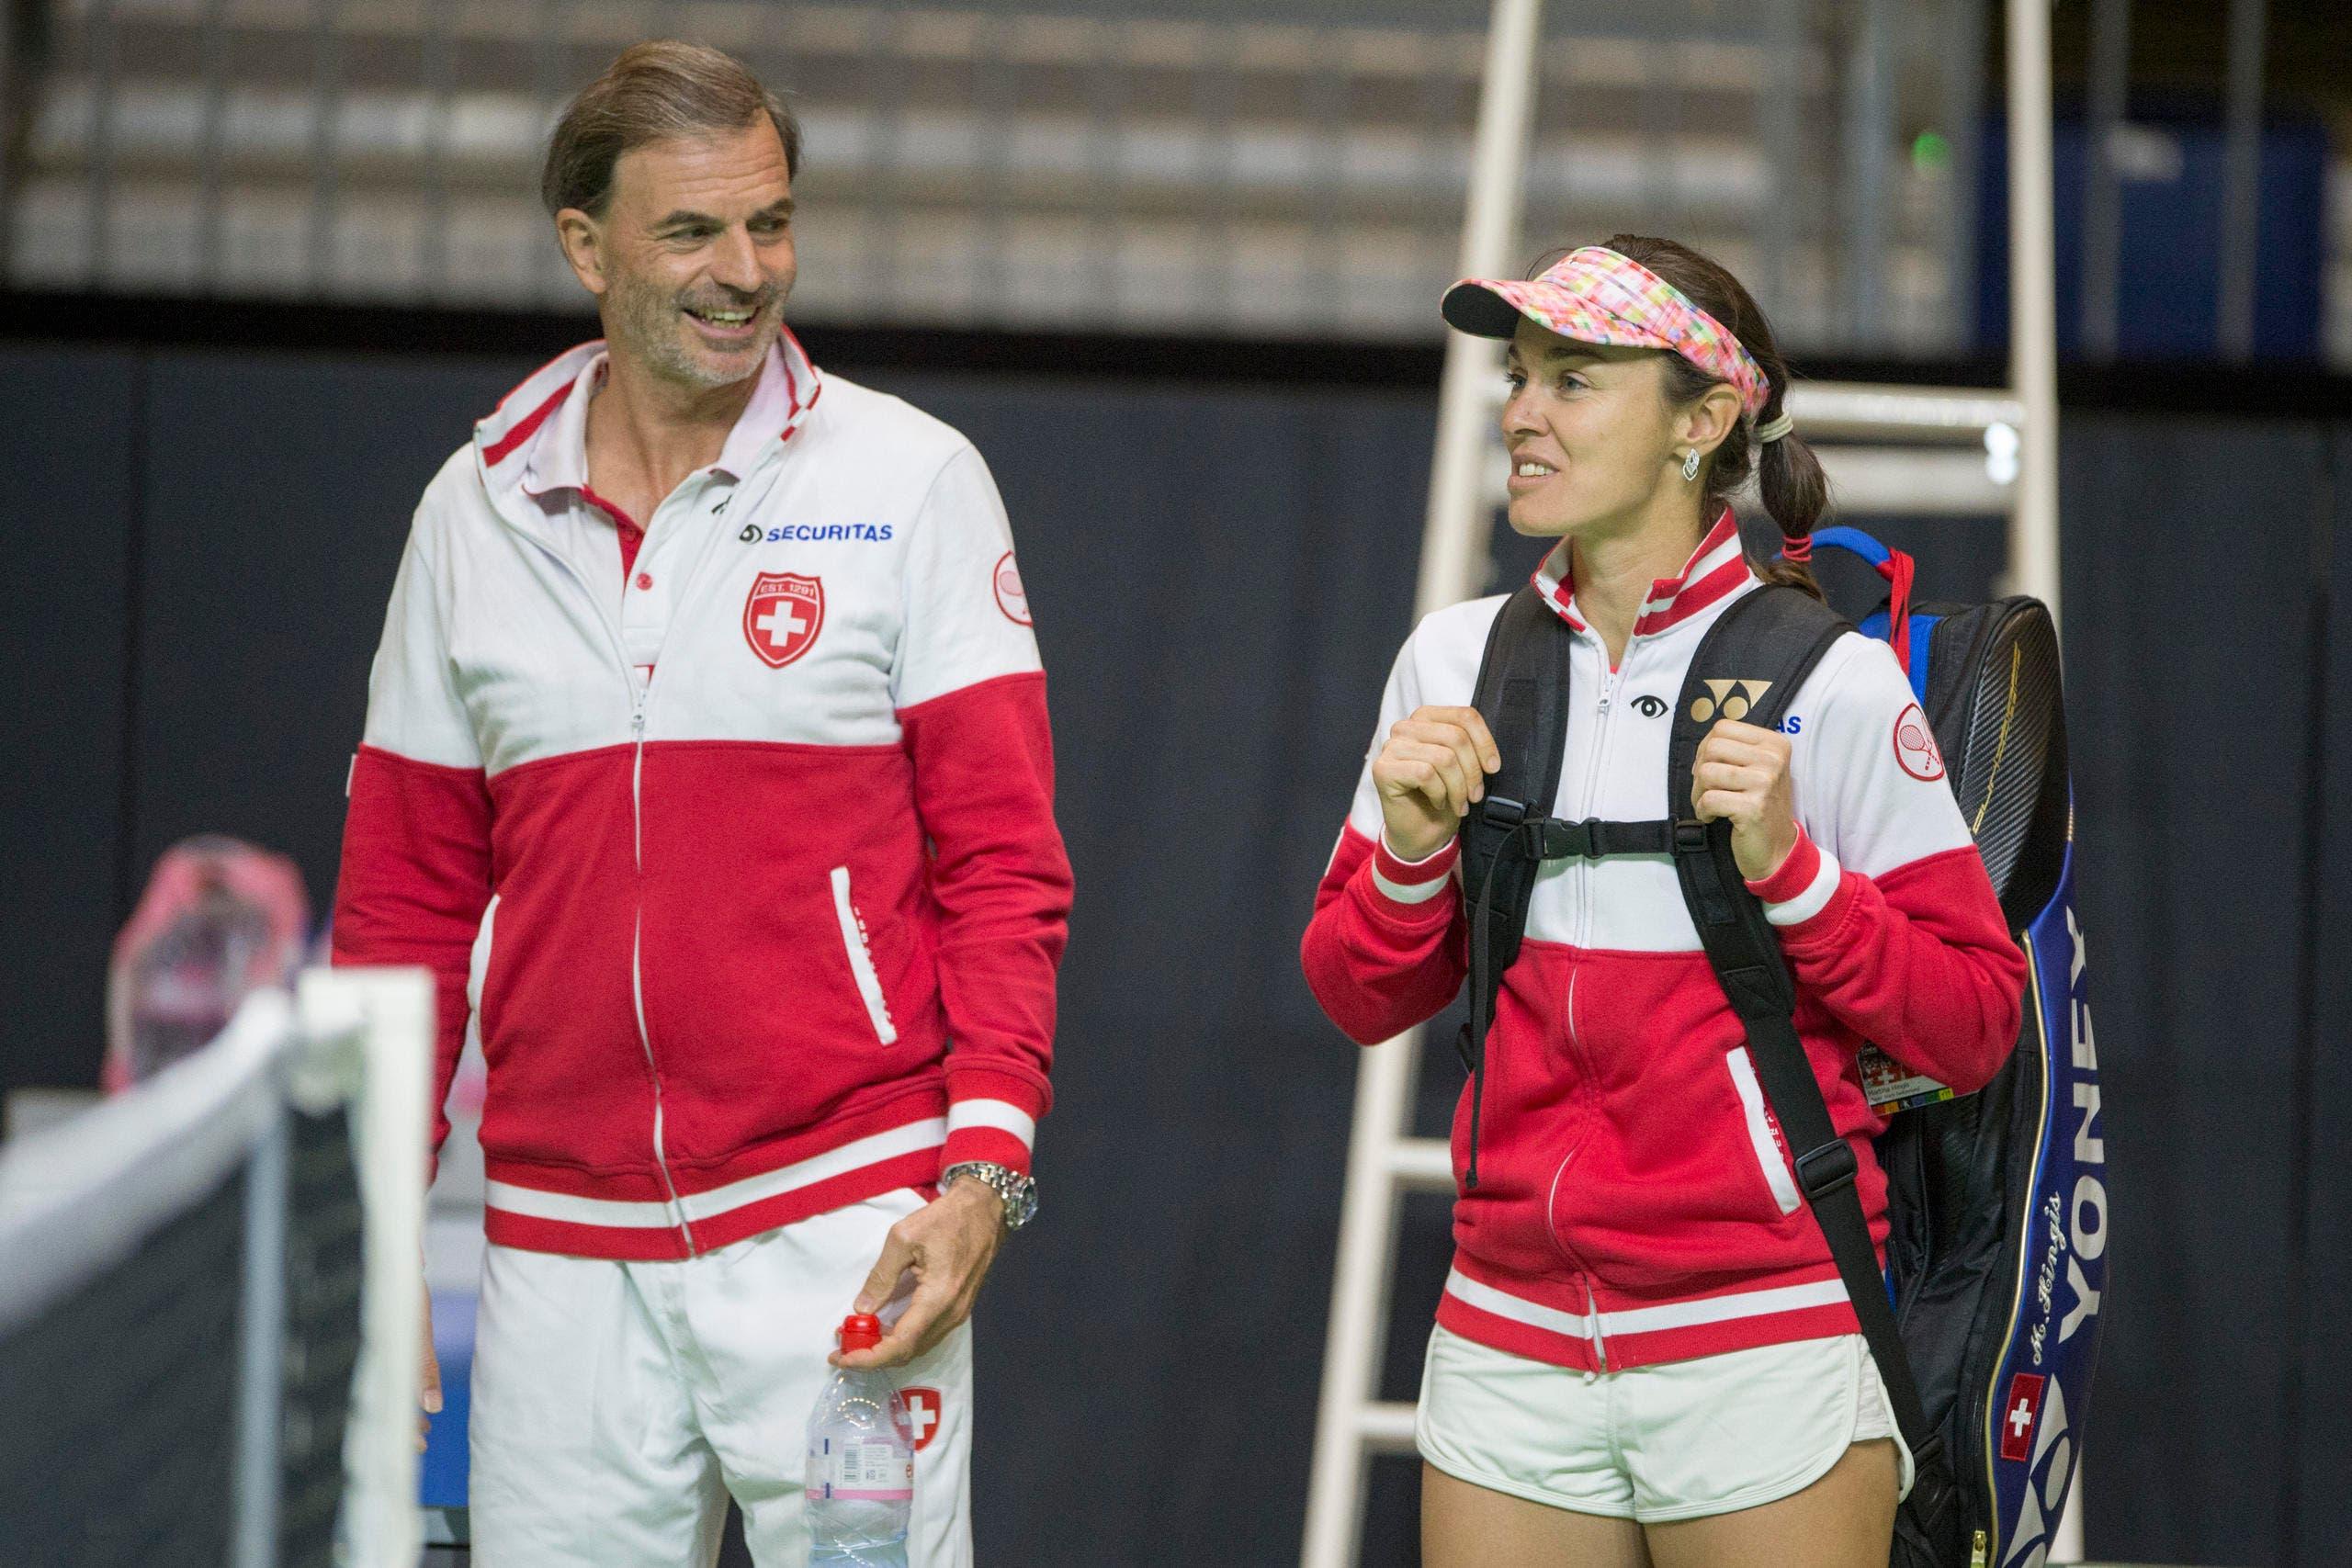 Teamchef Heinz Günthardt im Gespräch mit Martina Hingis. (Bild: Keystone / Urs Flüeler)